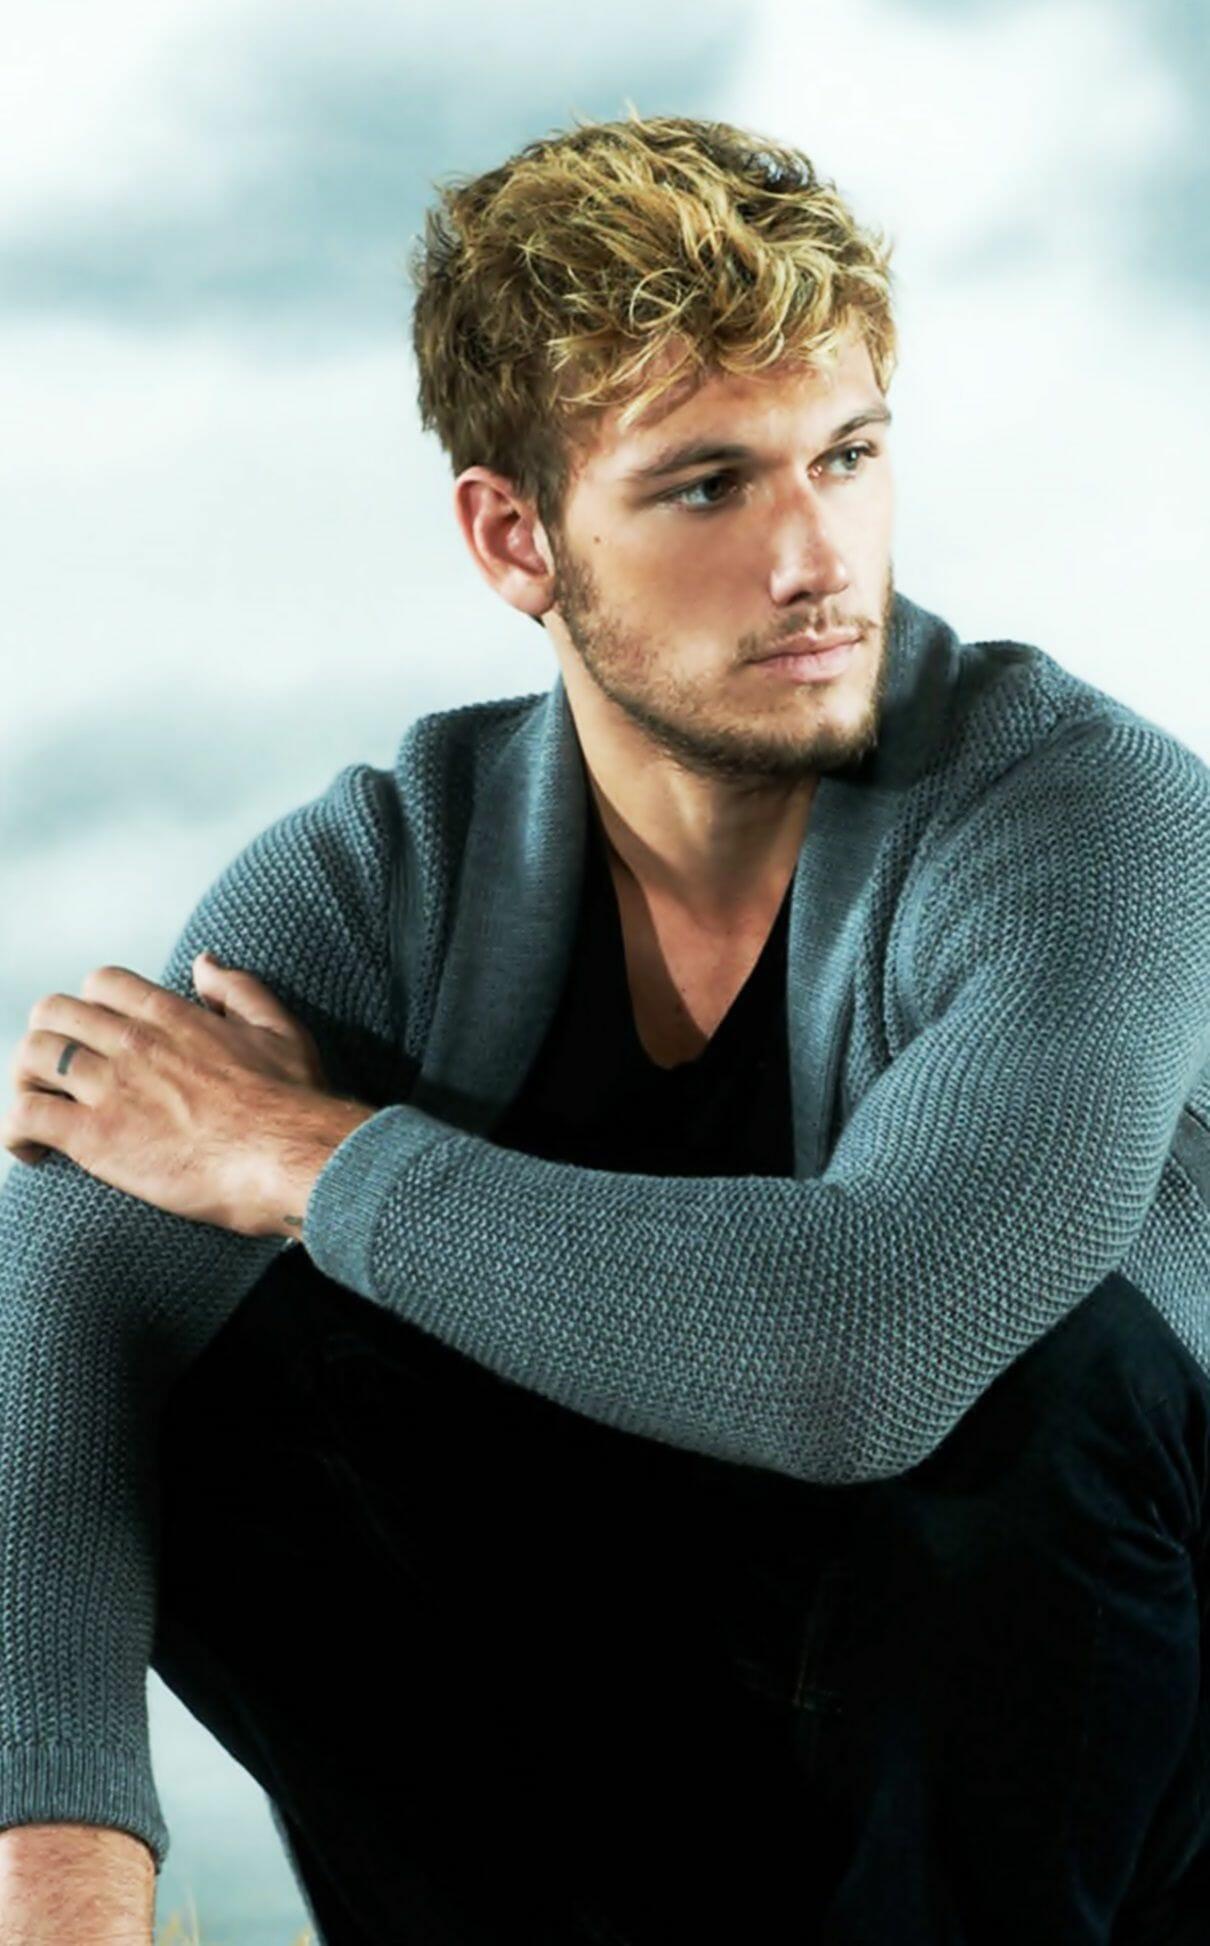 Alex Pettyfer modeling